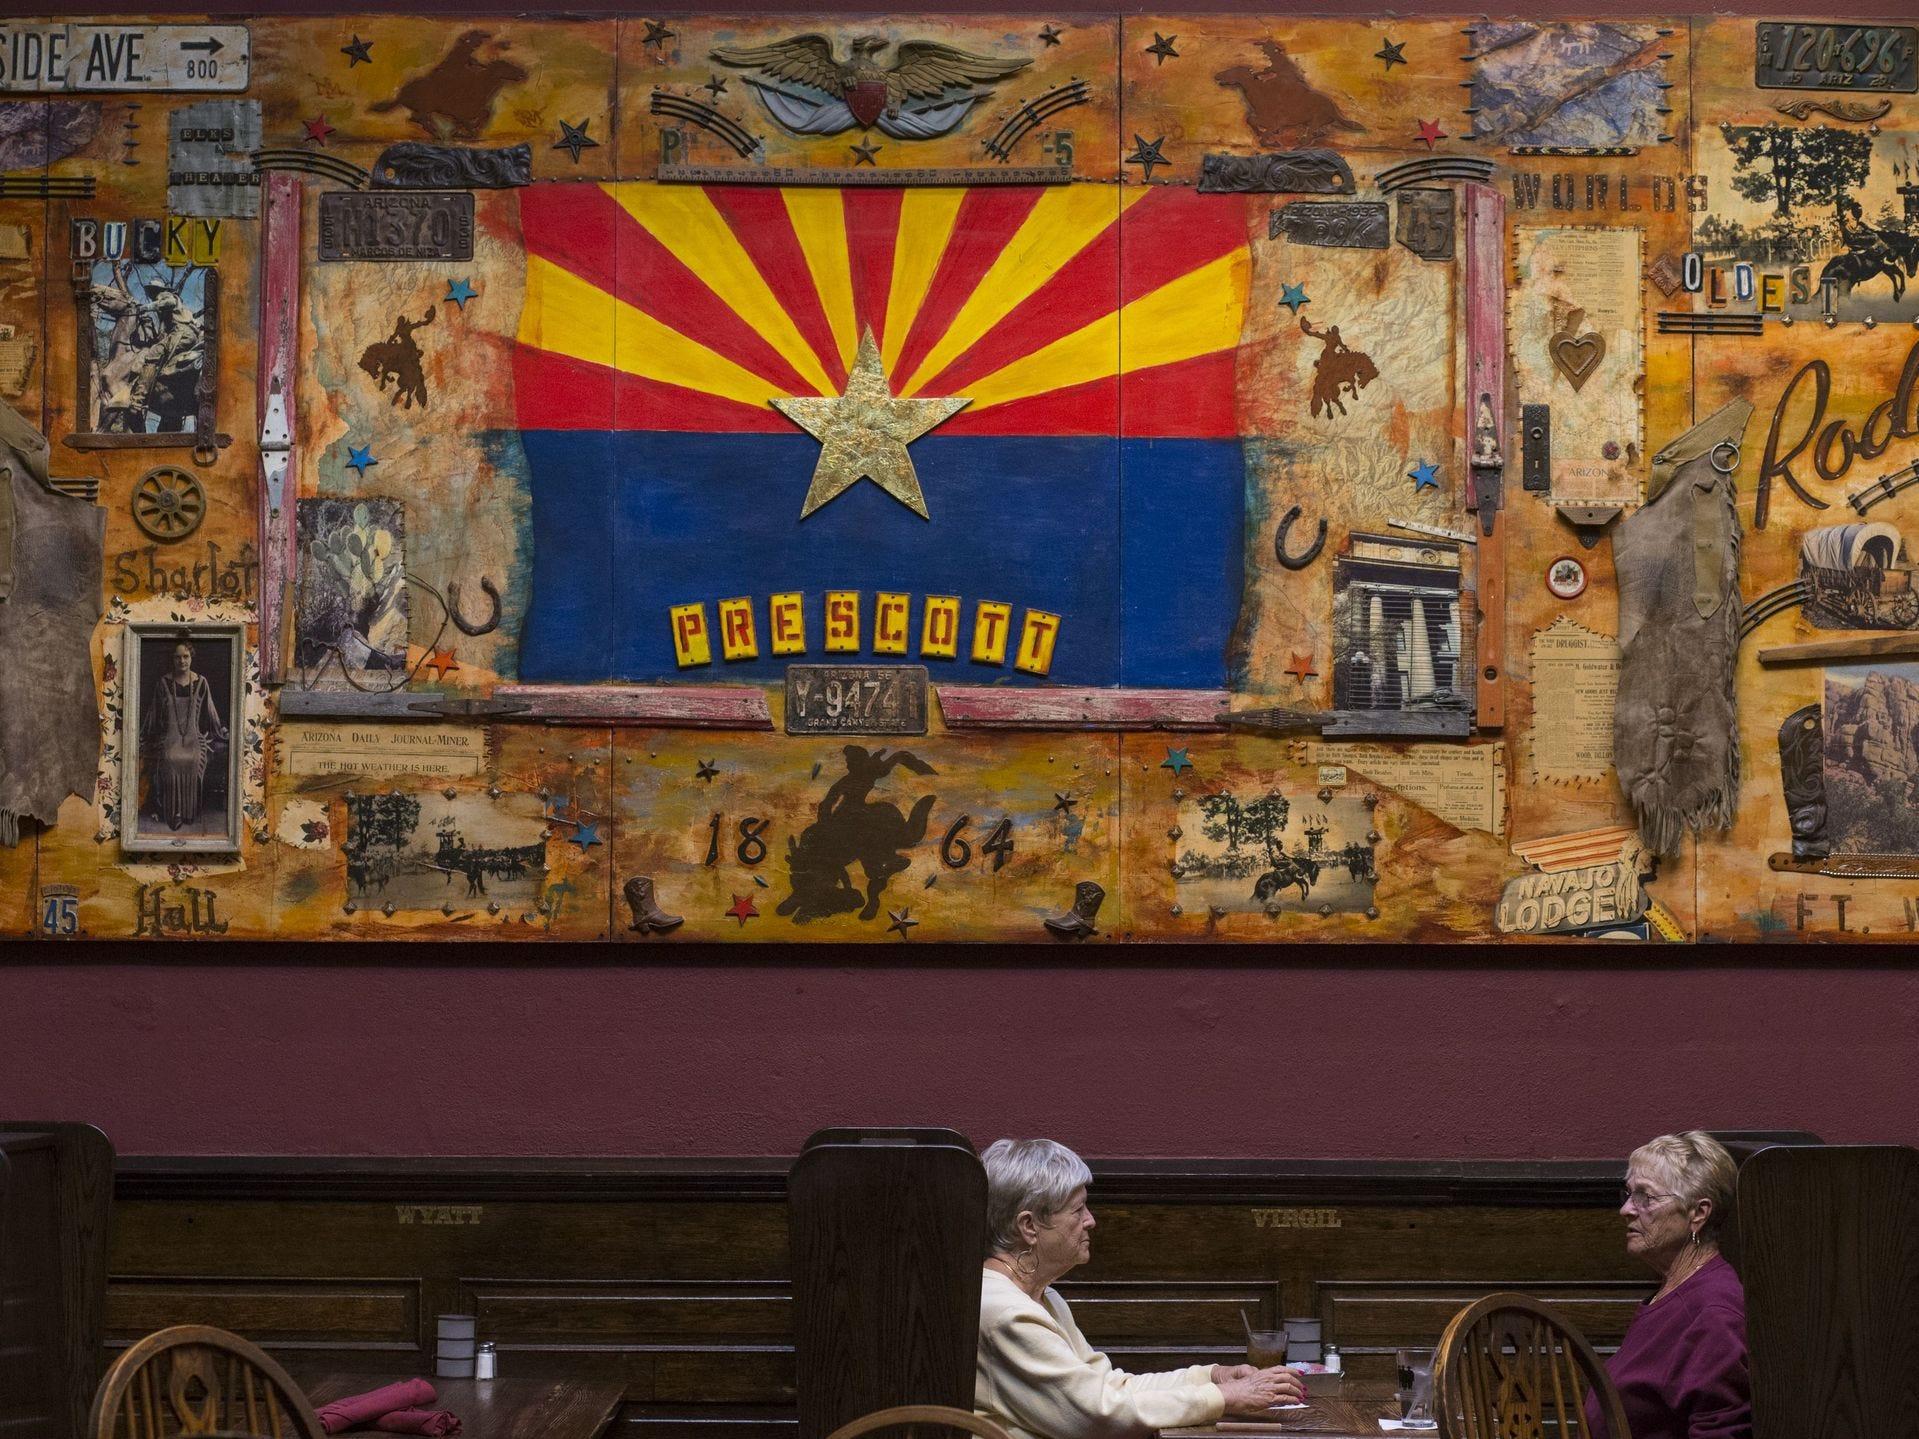 unos clientes el 6 de noviembre de 2017, en el Palace Saloon and Restaurant 120 S. Montezuma Street, Prescott, Arizona.